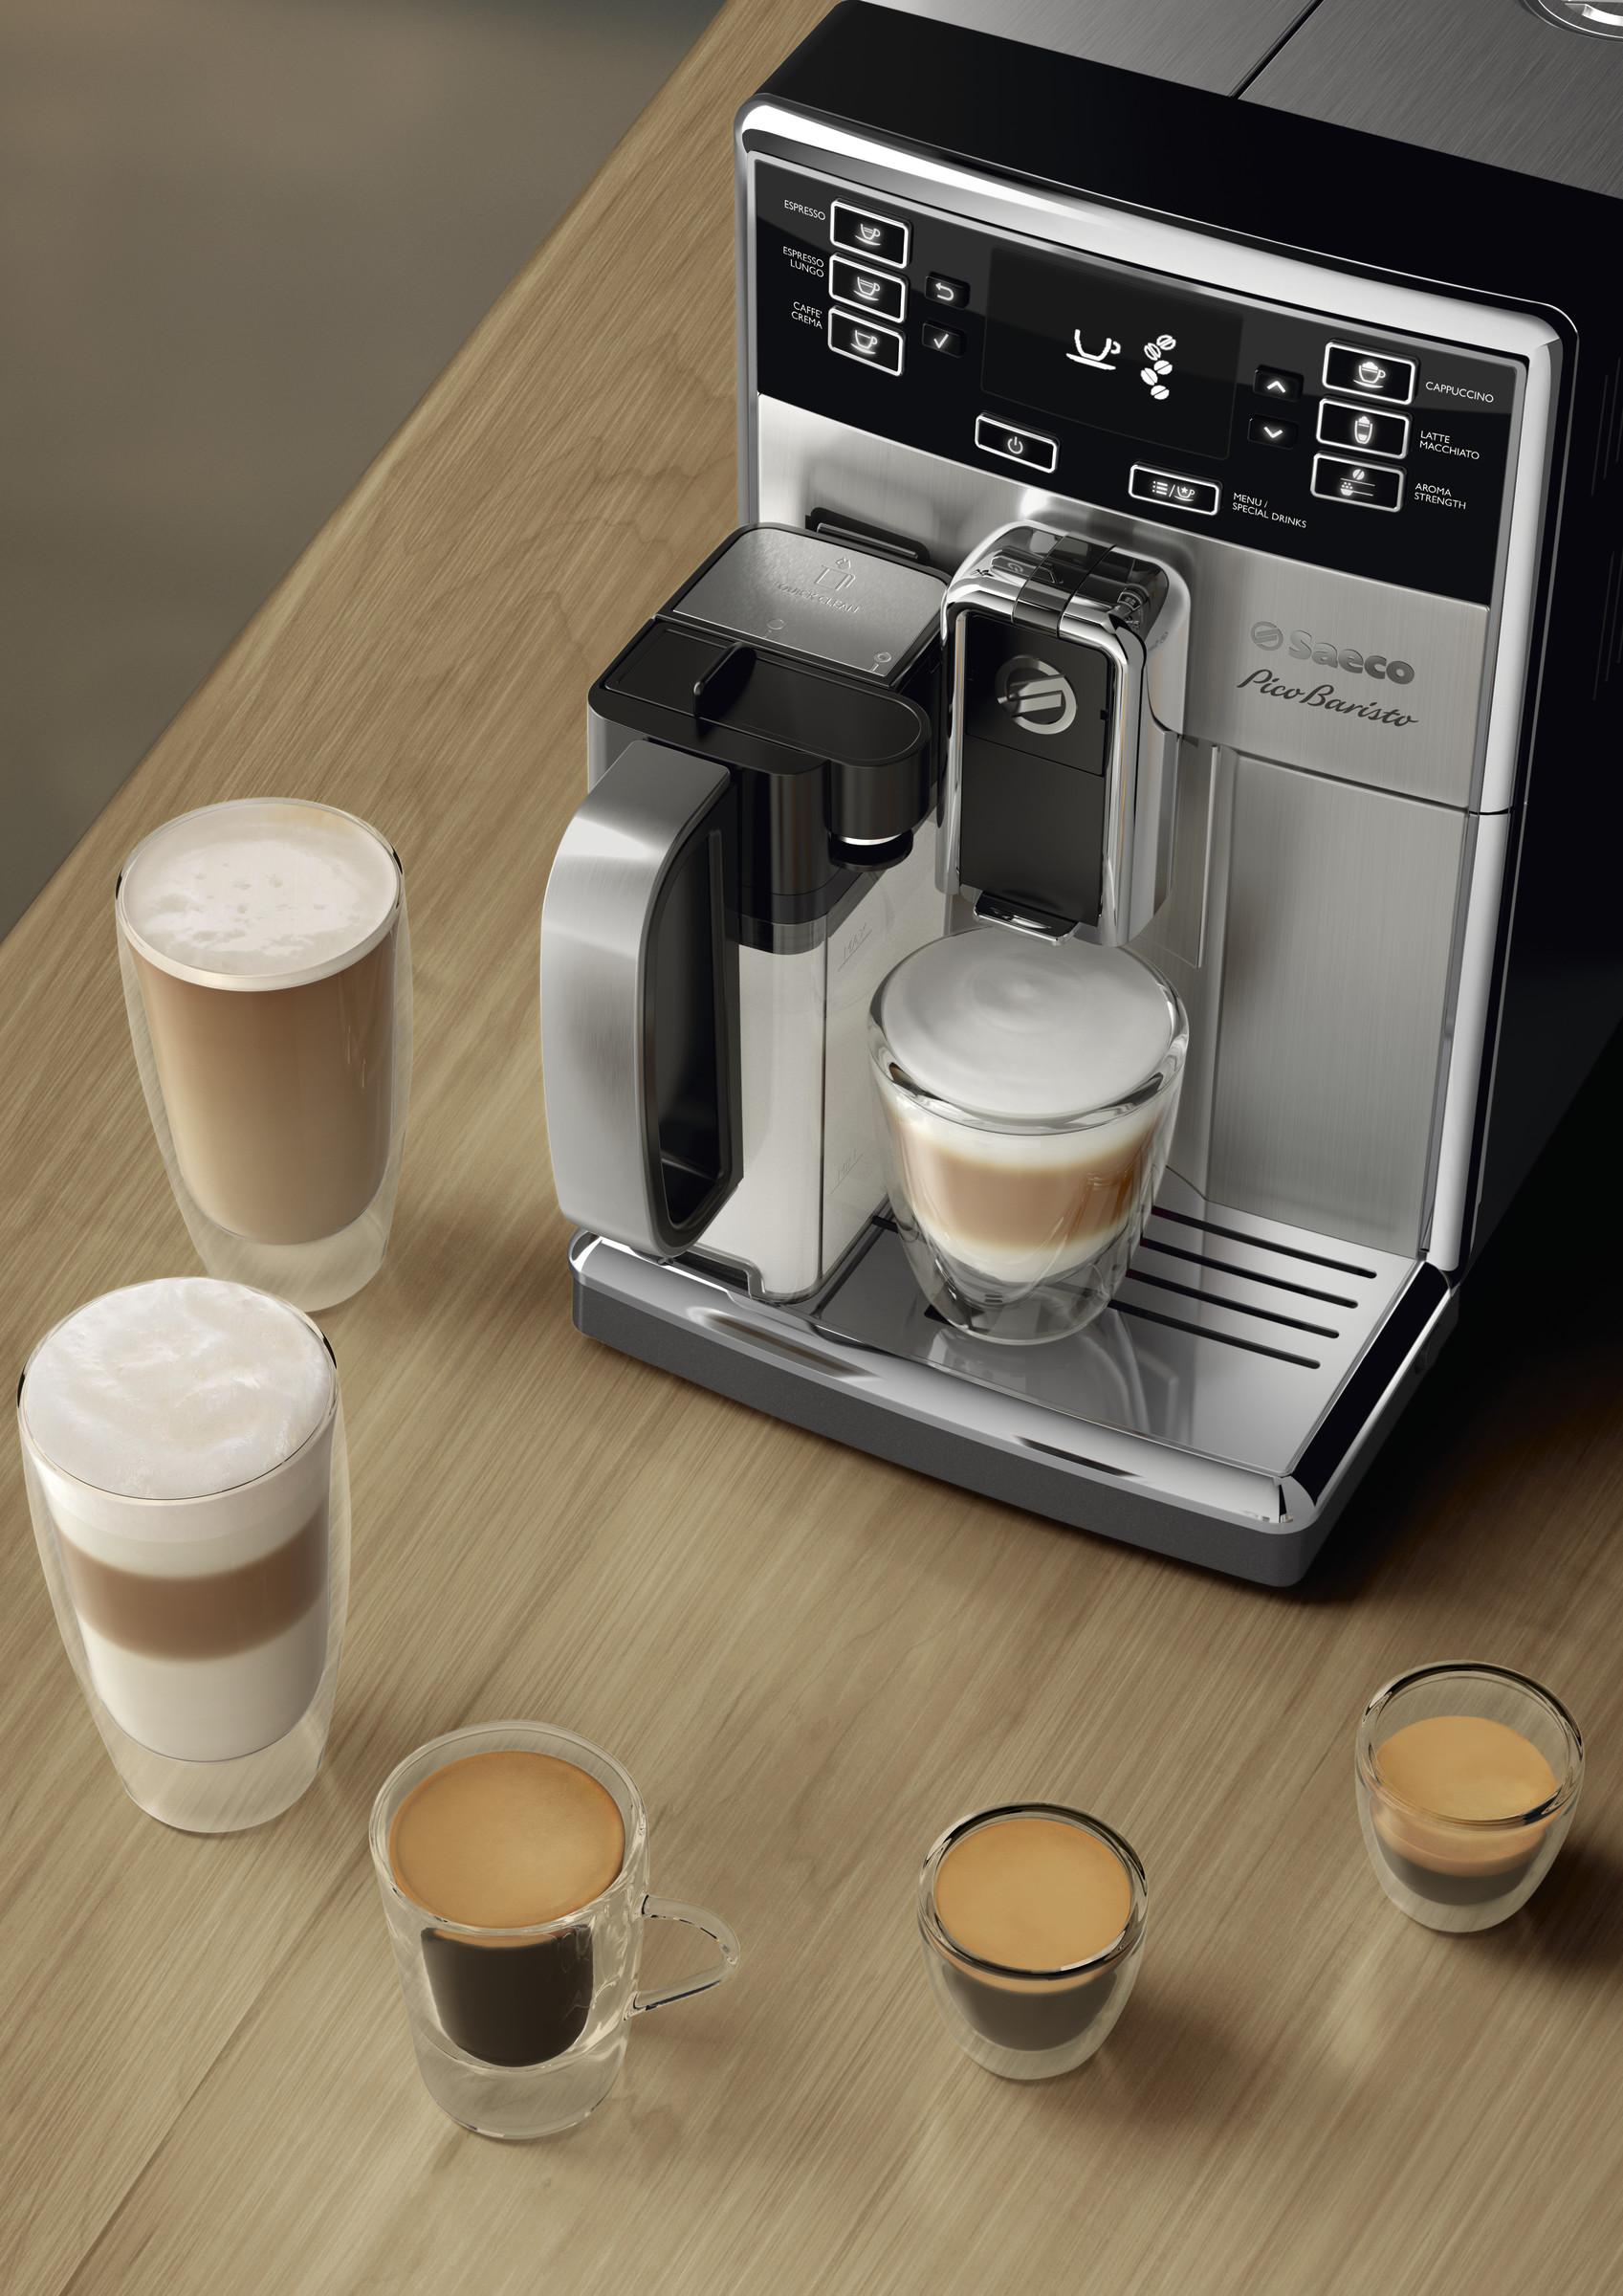 Saeco Pico Baristo Carafe Super Automatic Espresso Machine